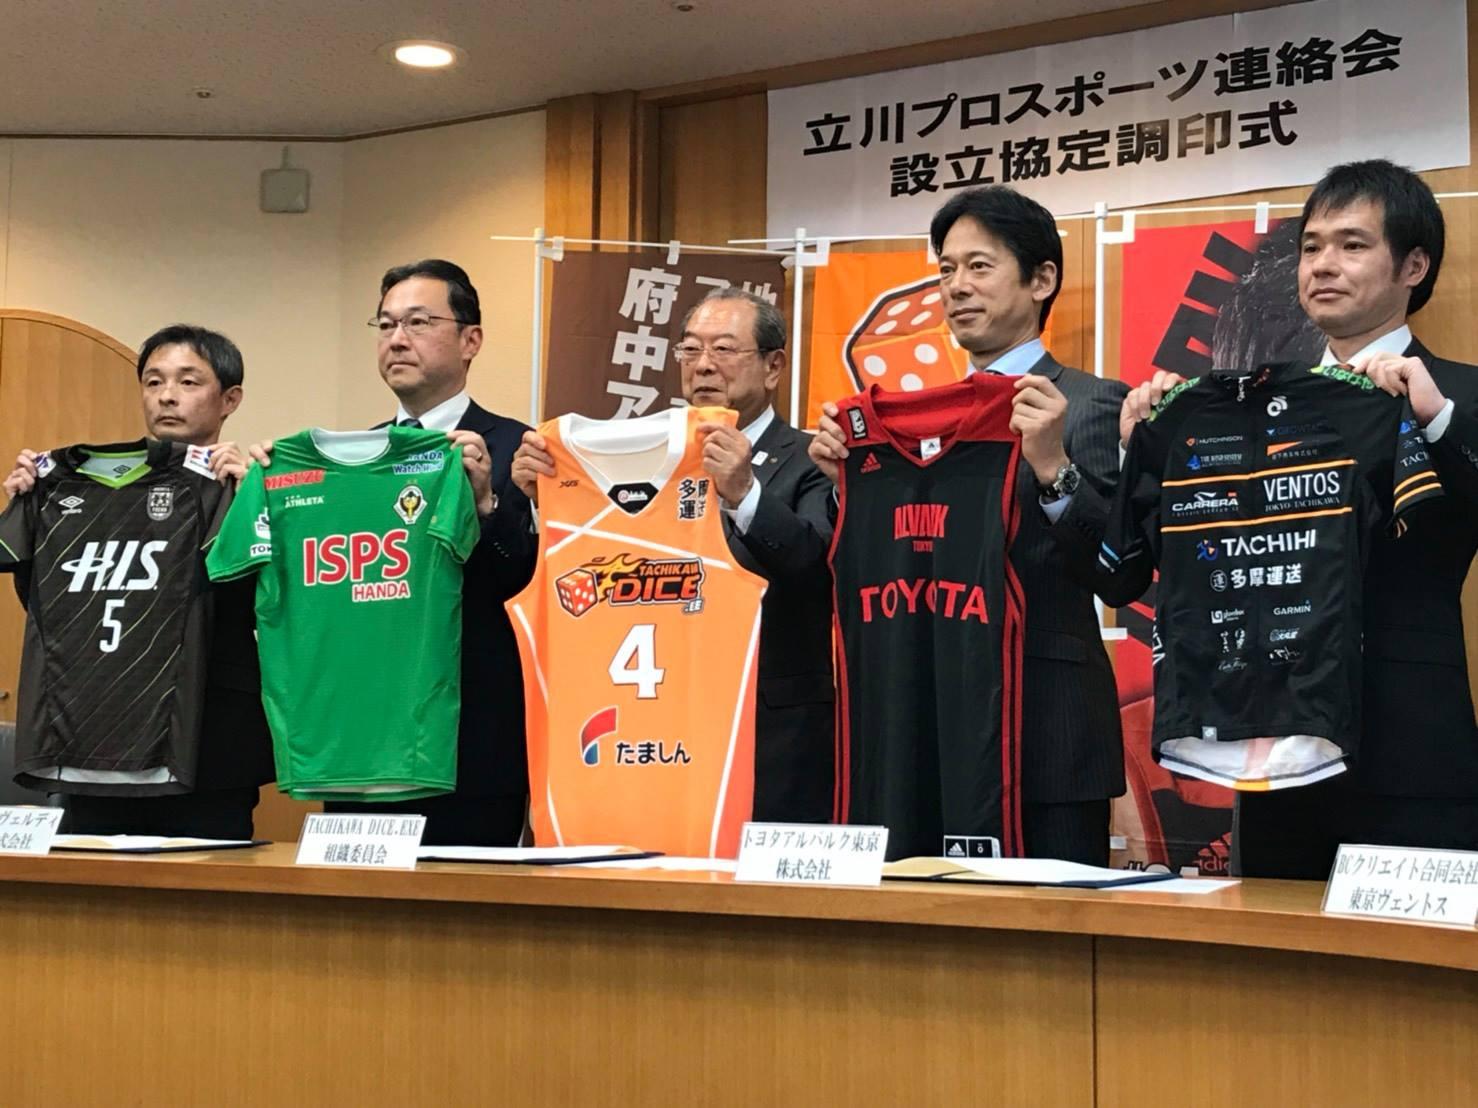 立川プロスポーツ連絡会 設立調印式